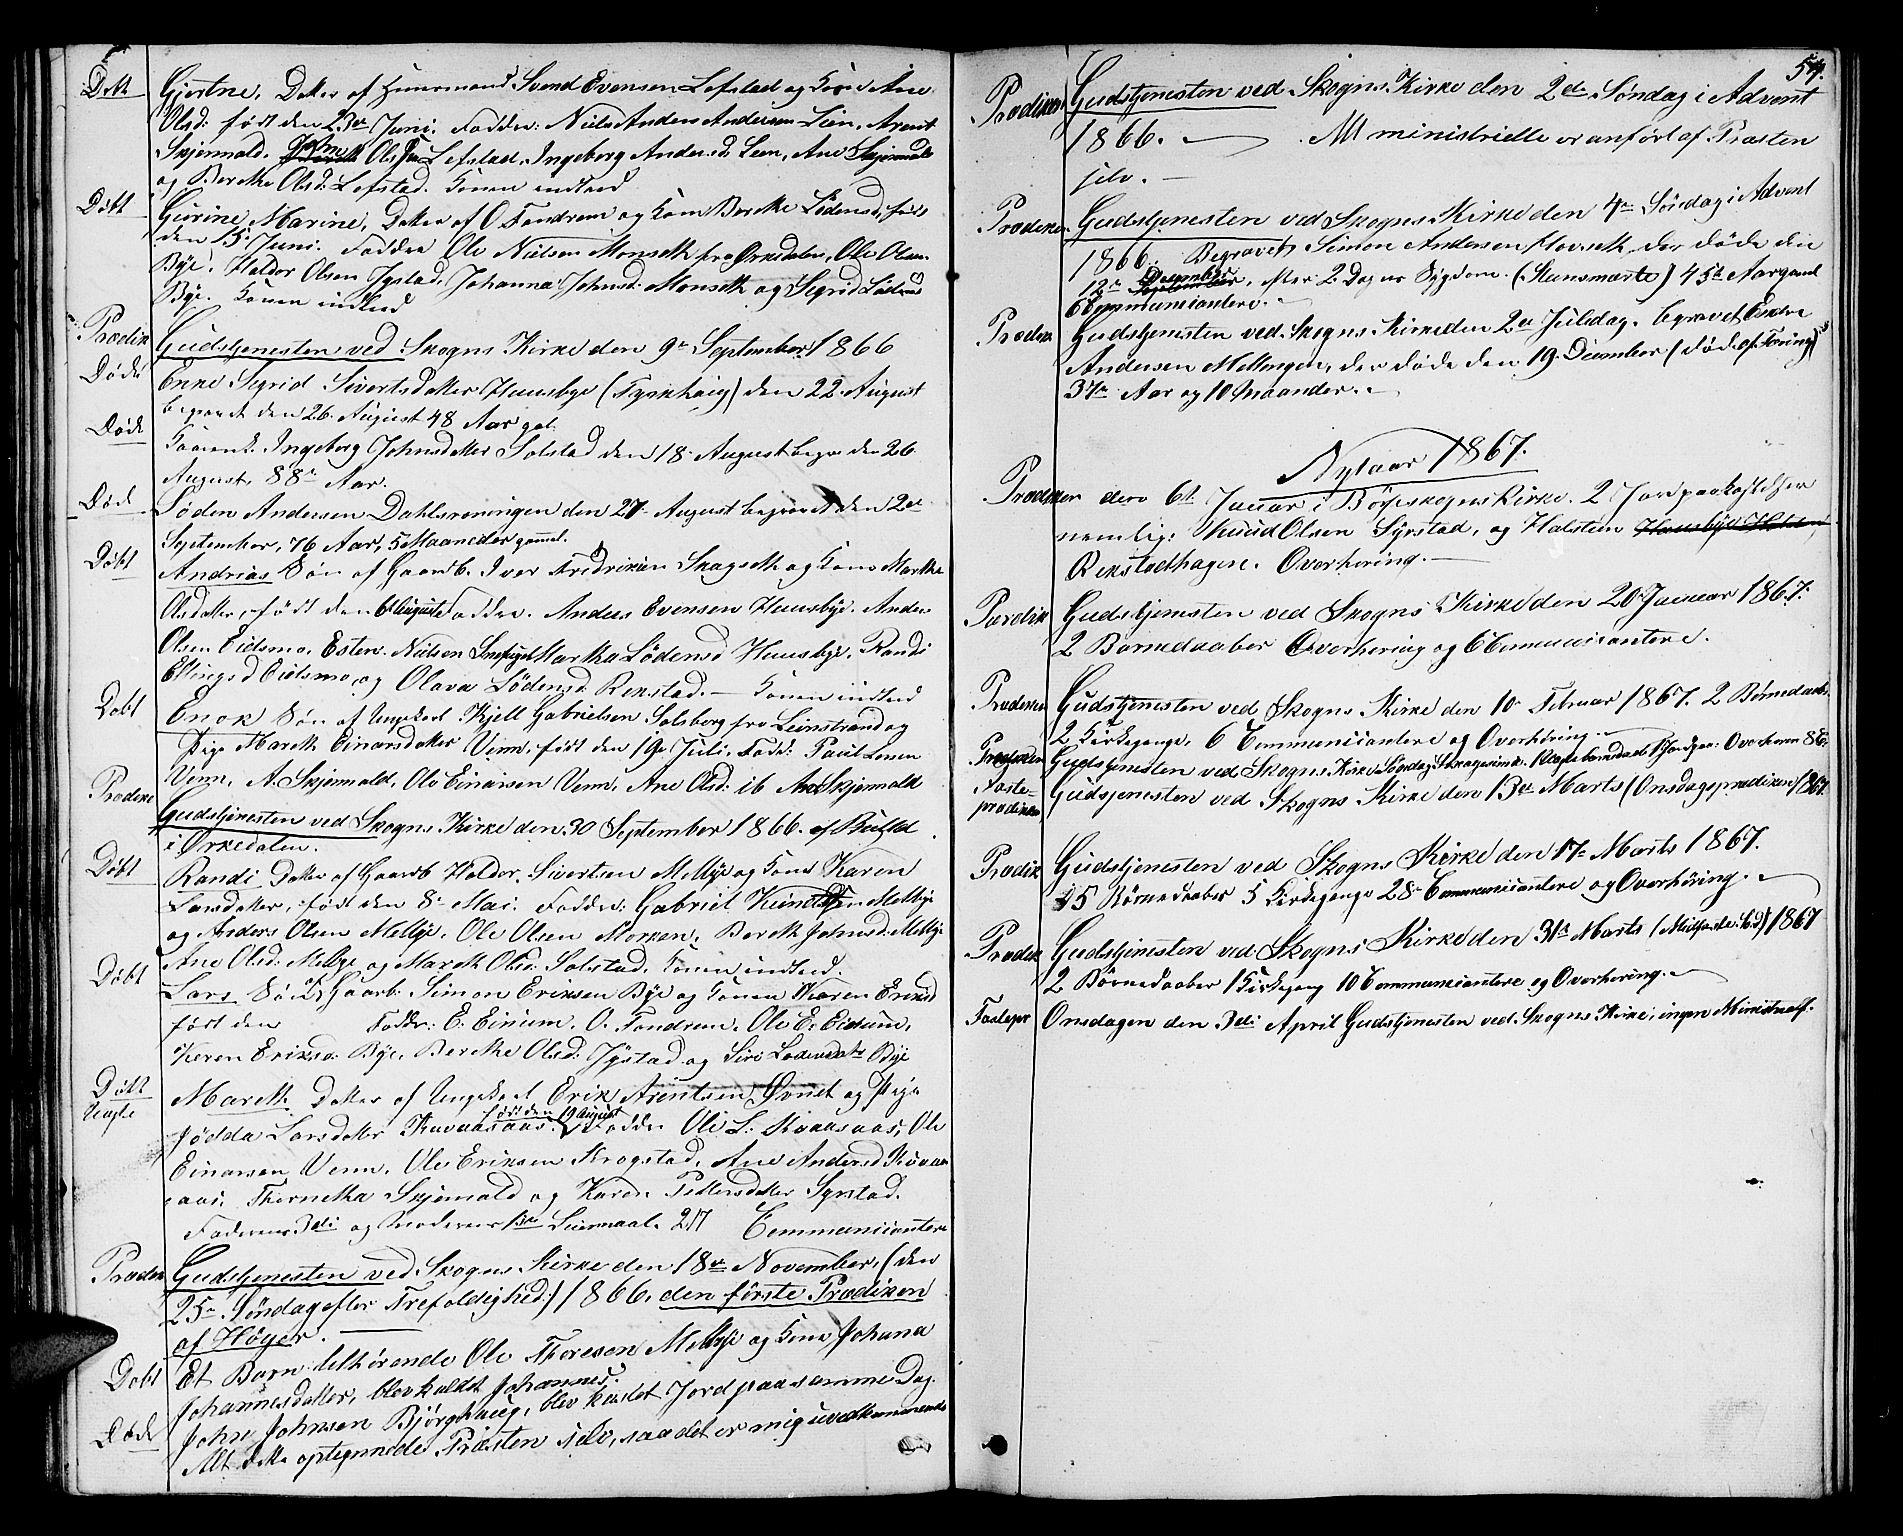 SAT, Ministerialprotokoller, klokkerbøker og fødselsregistre - Sør-Trøndelag, 667/L0797: Klokkerbok nr. 667C02, 1849-1867, s. 54